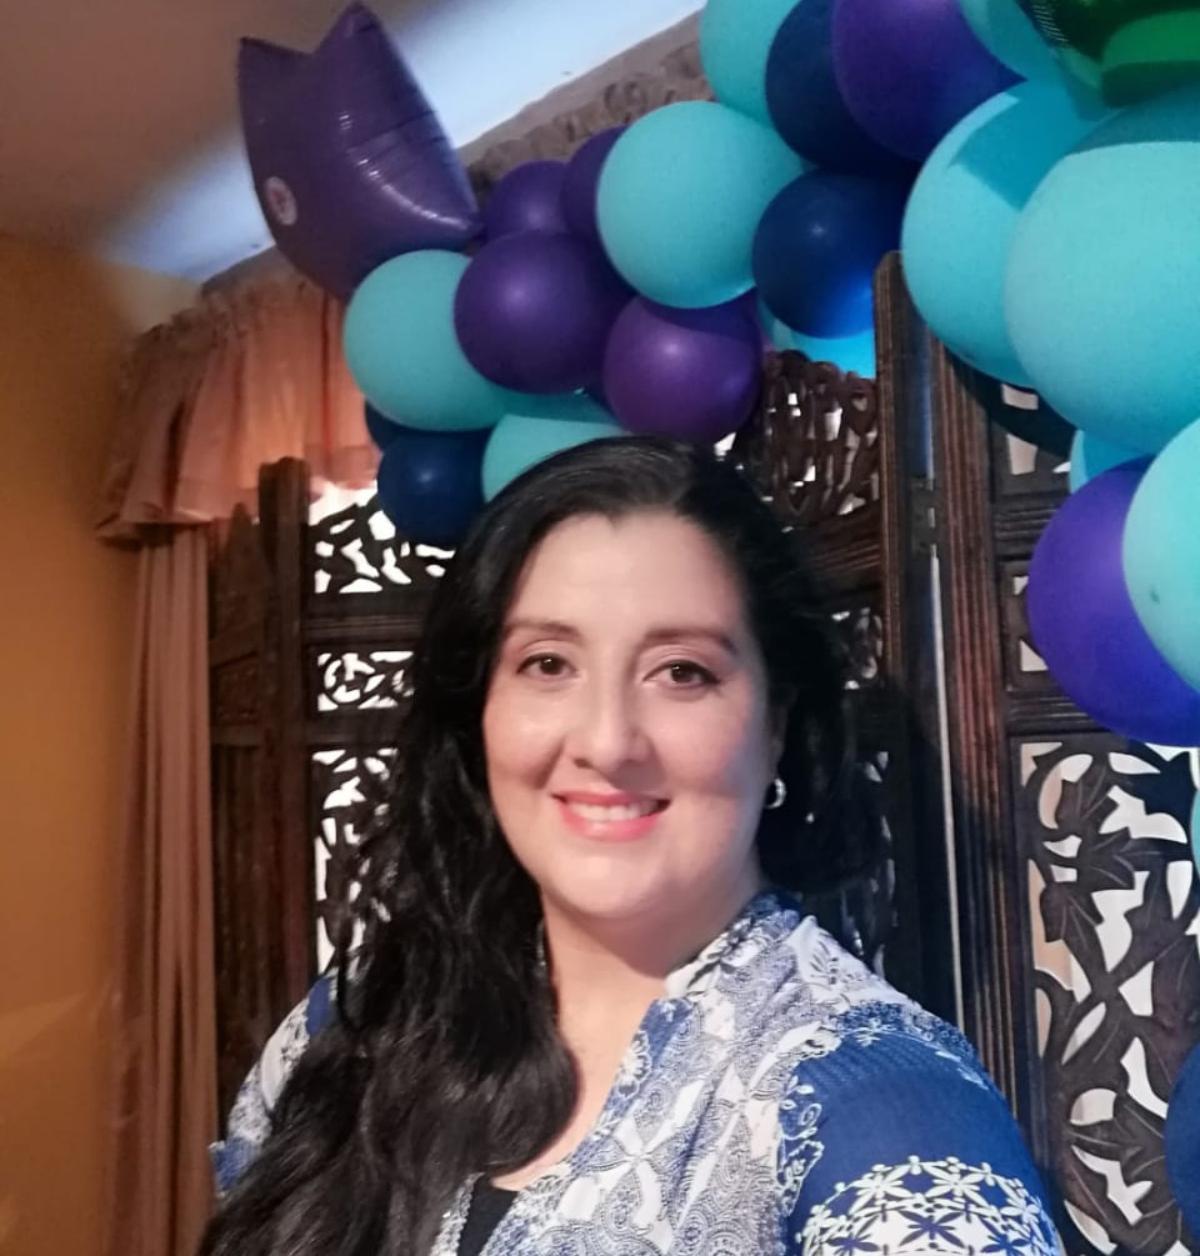 Conoce la historia de Paola Castañaza y su emprendimiento de globos